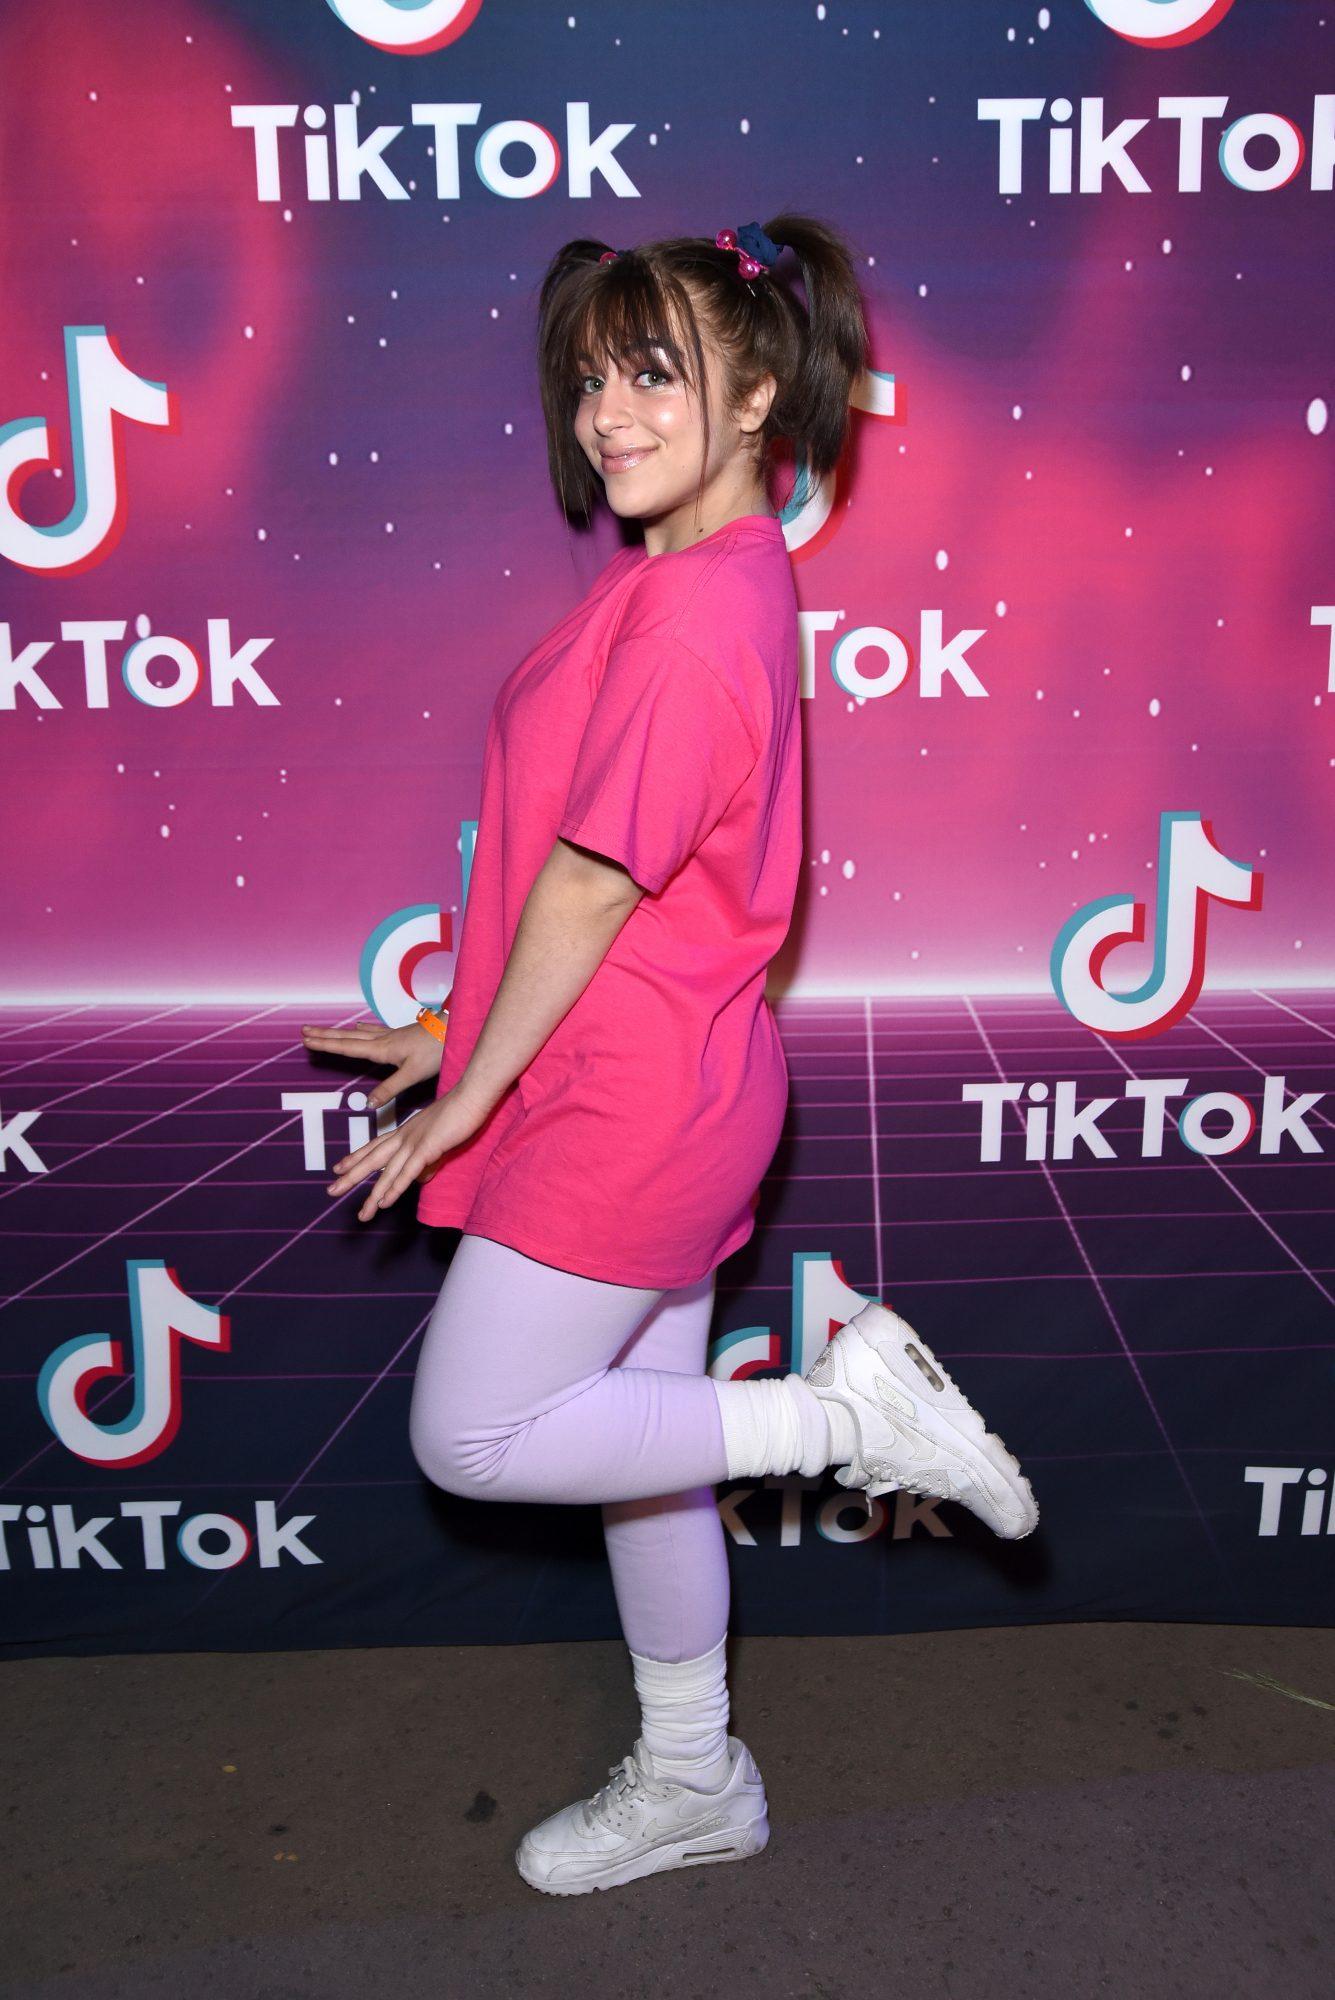 Baby Ariel en fiesta de disfraces de TikTok en Los Ángeles